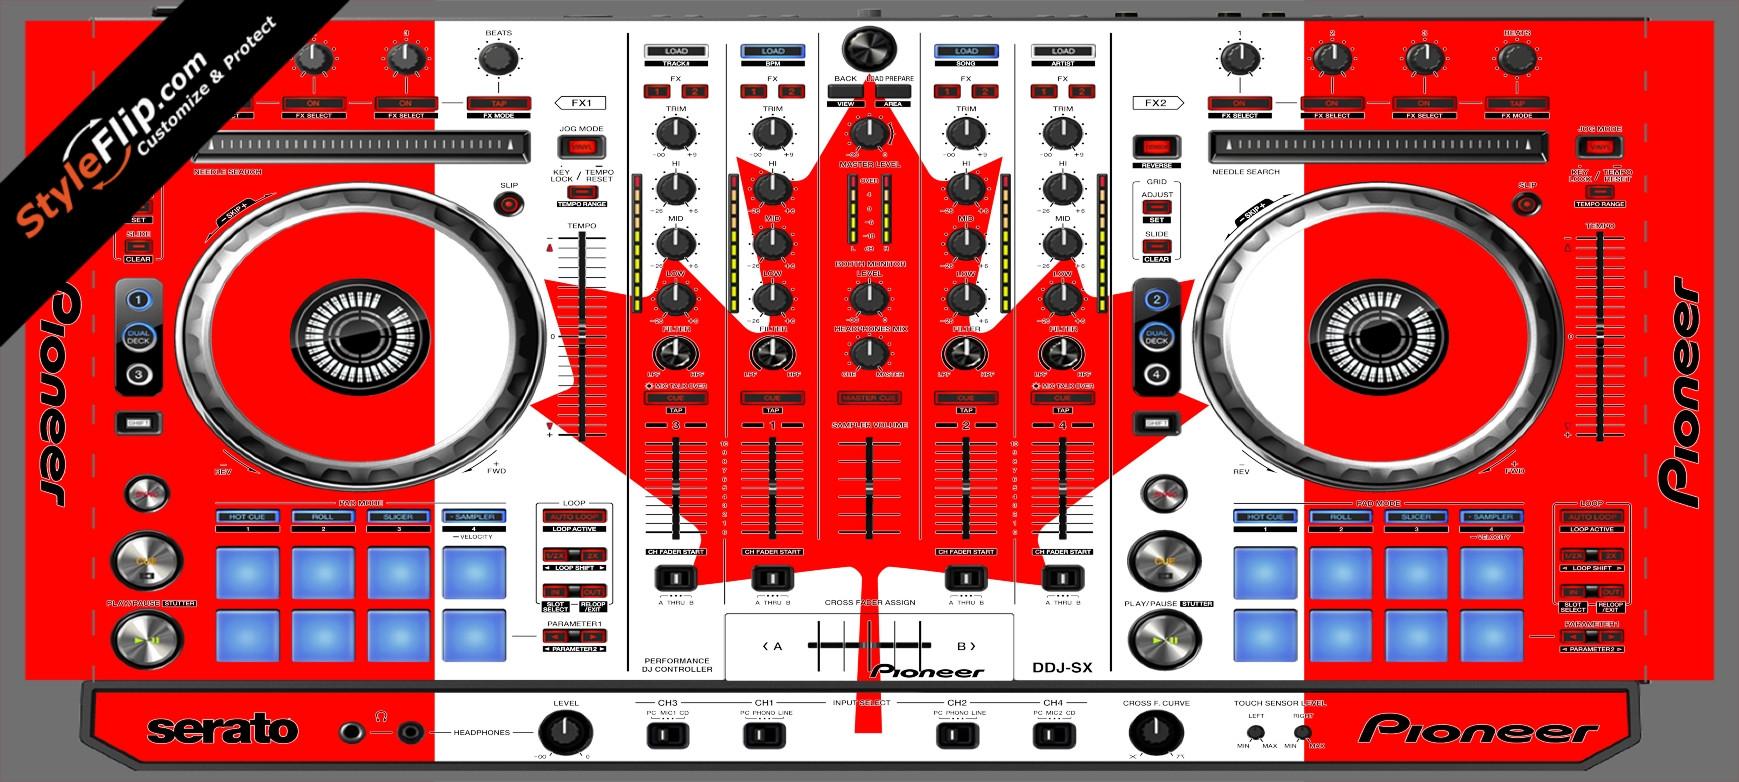 Canadian Flag  Pioneer DDJ-SX